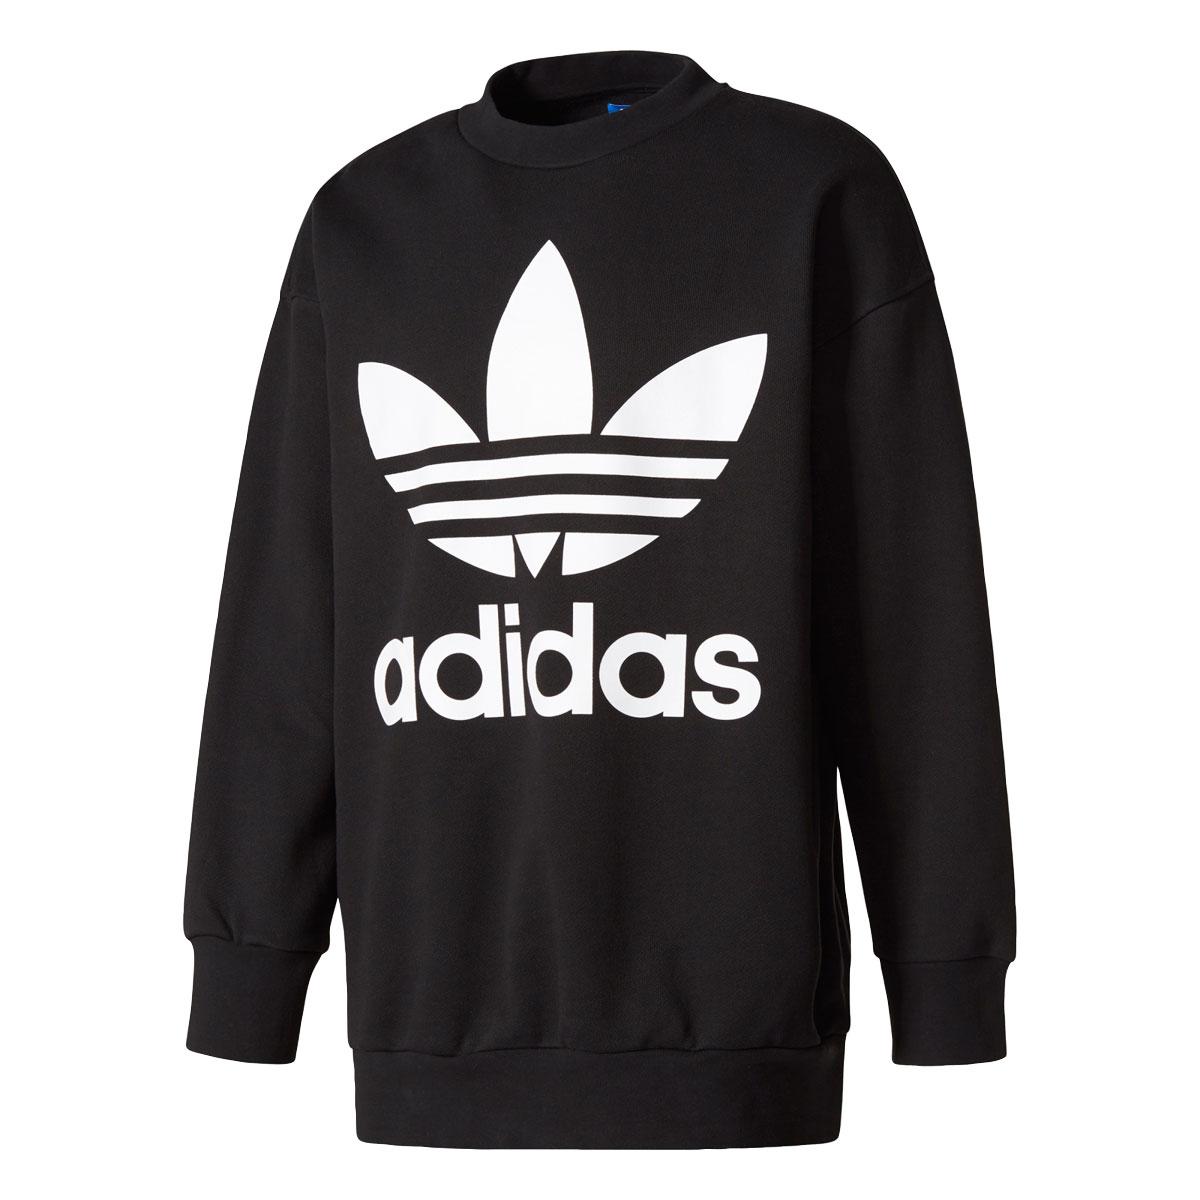 adidas Originals AC CREW (アディダス オリジナルス AC クルー) BLACK【メンズ クルーネック スウェット】17FW-I